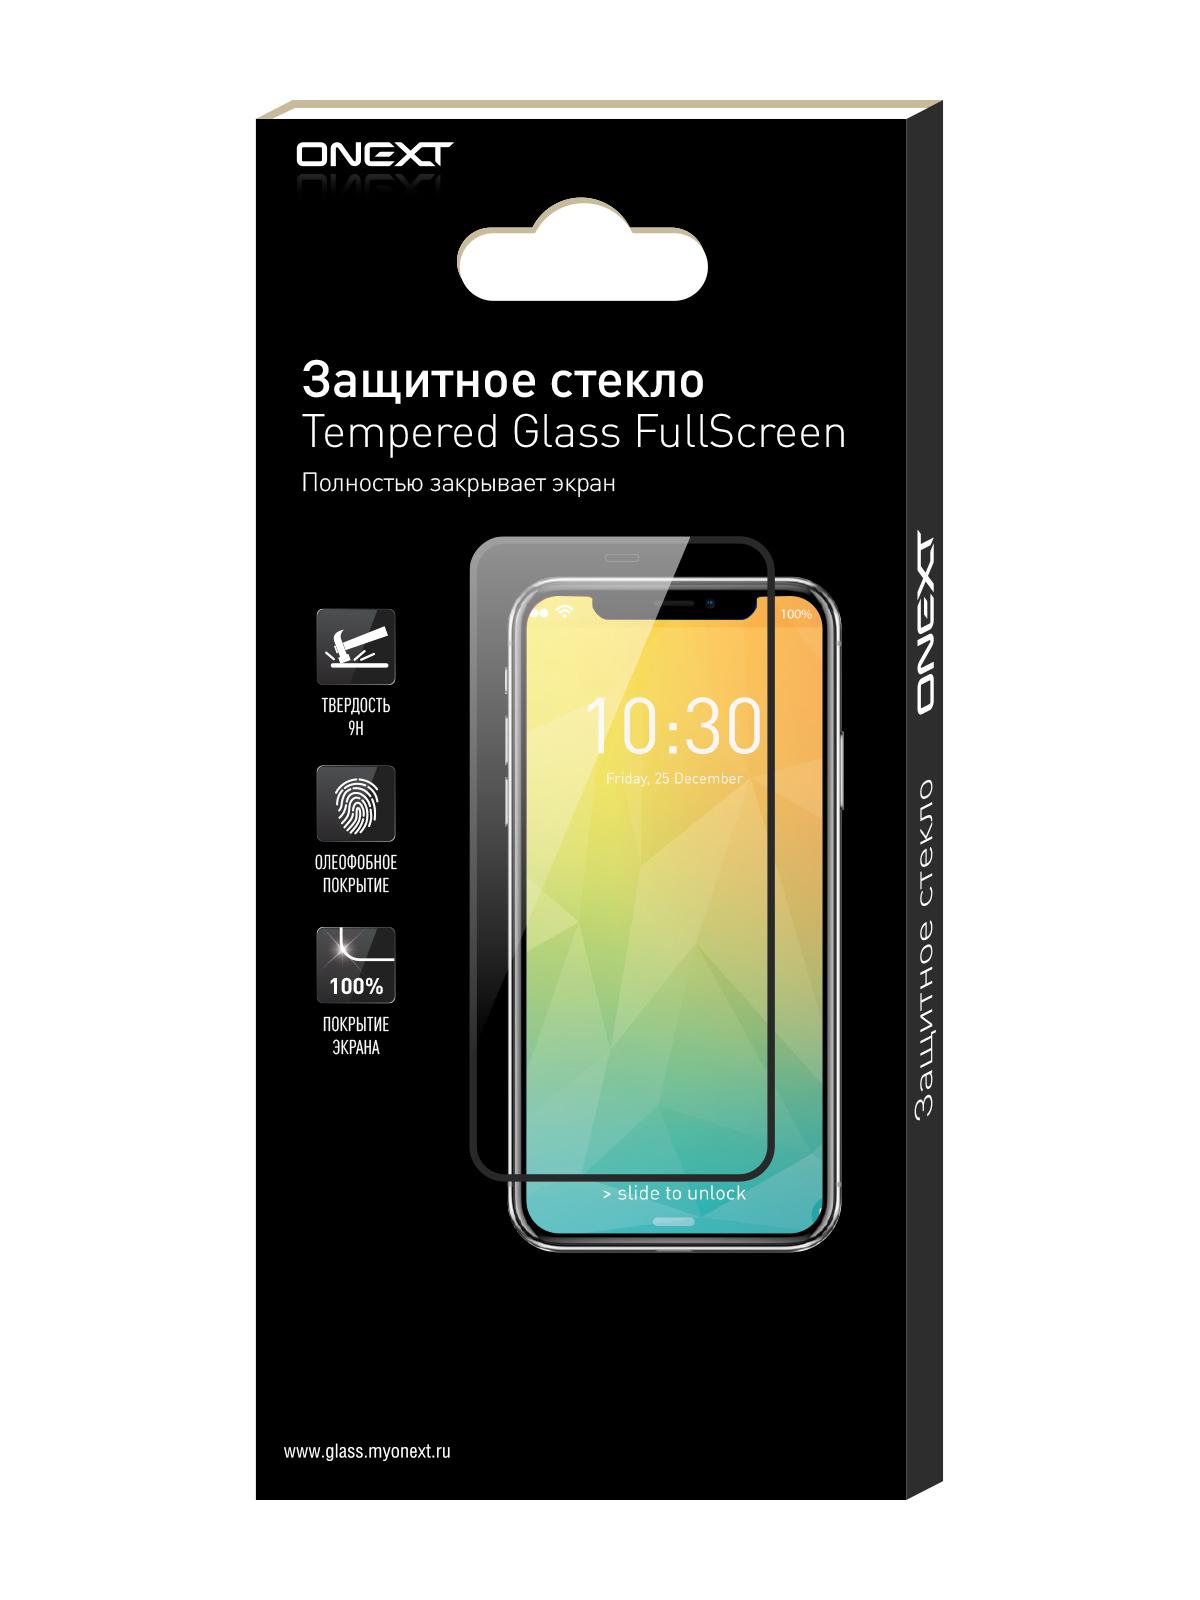 Защитное стекло ONEXT для Samsung Galaxy J7 (2017) Black